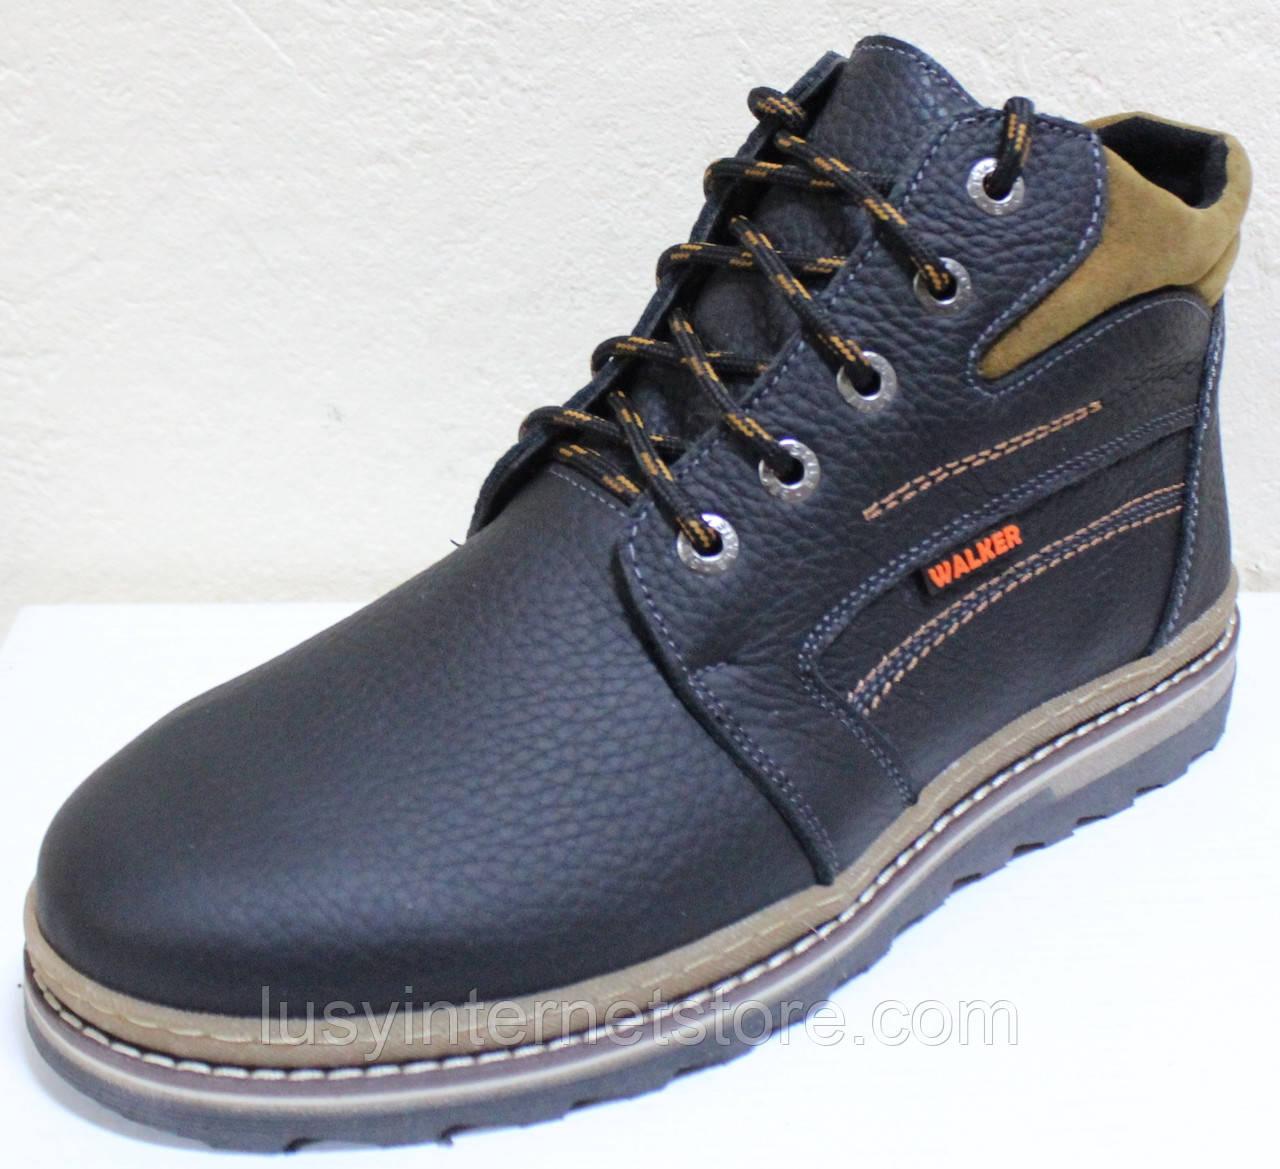 Ботинки зимние мужские кожаные от производителя модель ВОЛ46-3